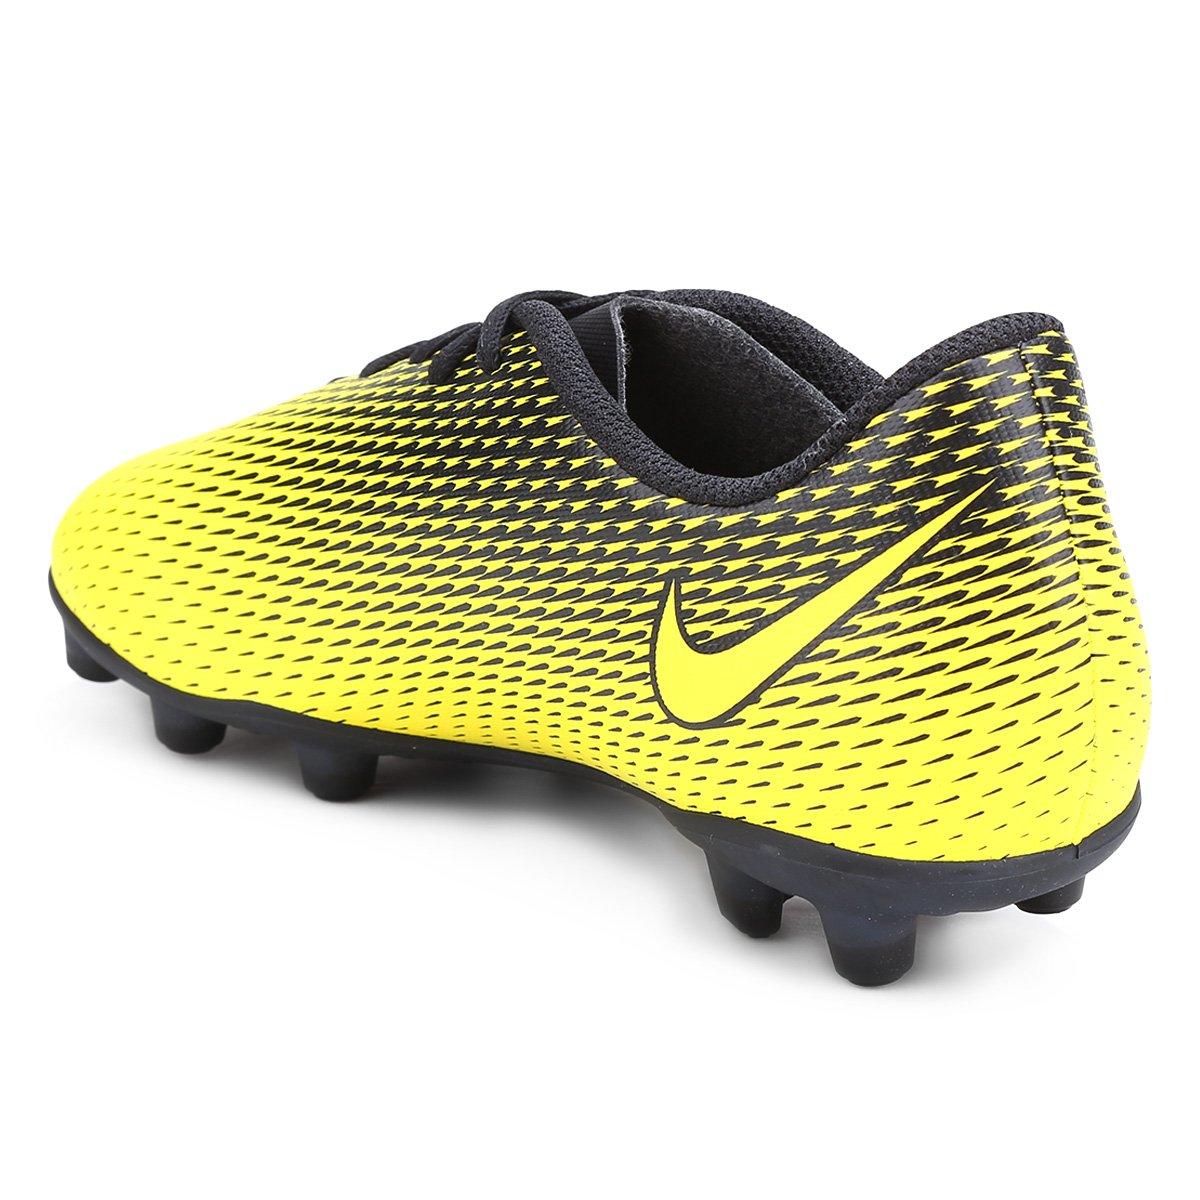 a46cf8a5e5ddb Chuteira Campo Infantil Nike Bravata II FG | Livelo -Sua Vida com ...